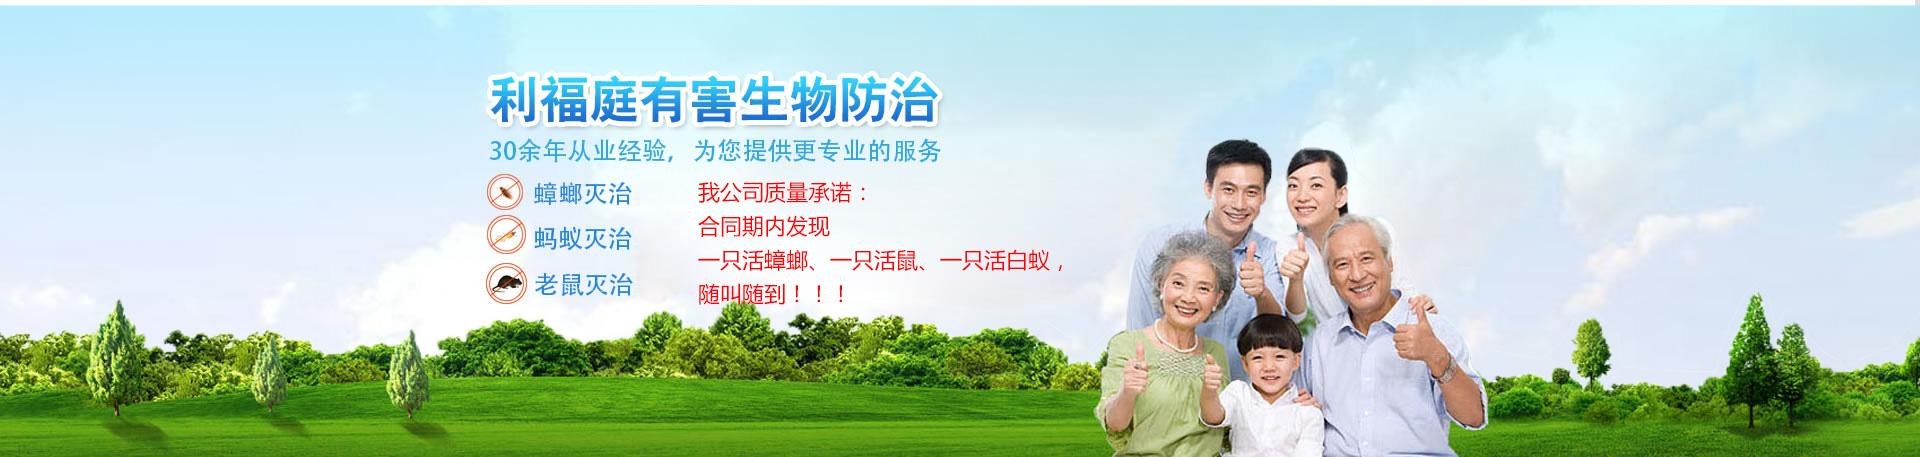 福宏彩票网平台|广西灭鼠公司|广西白蚁防治公司